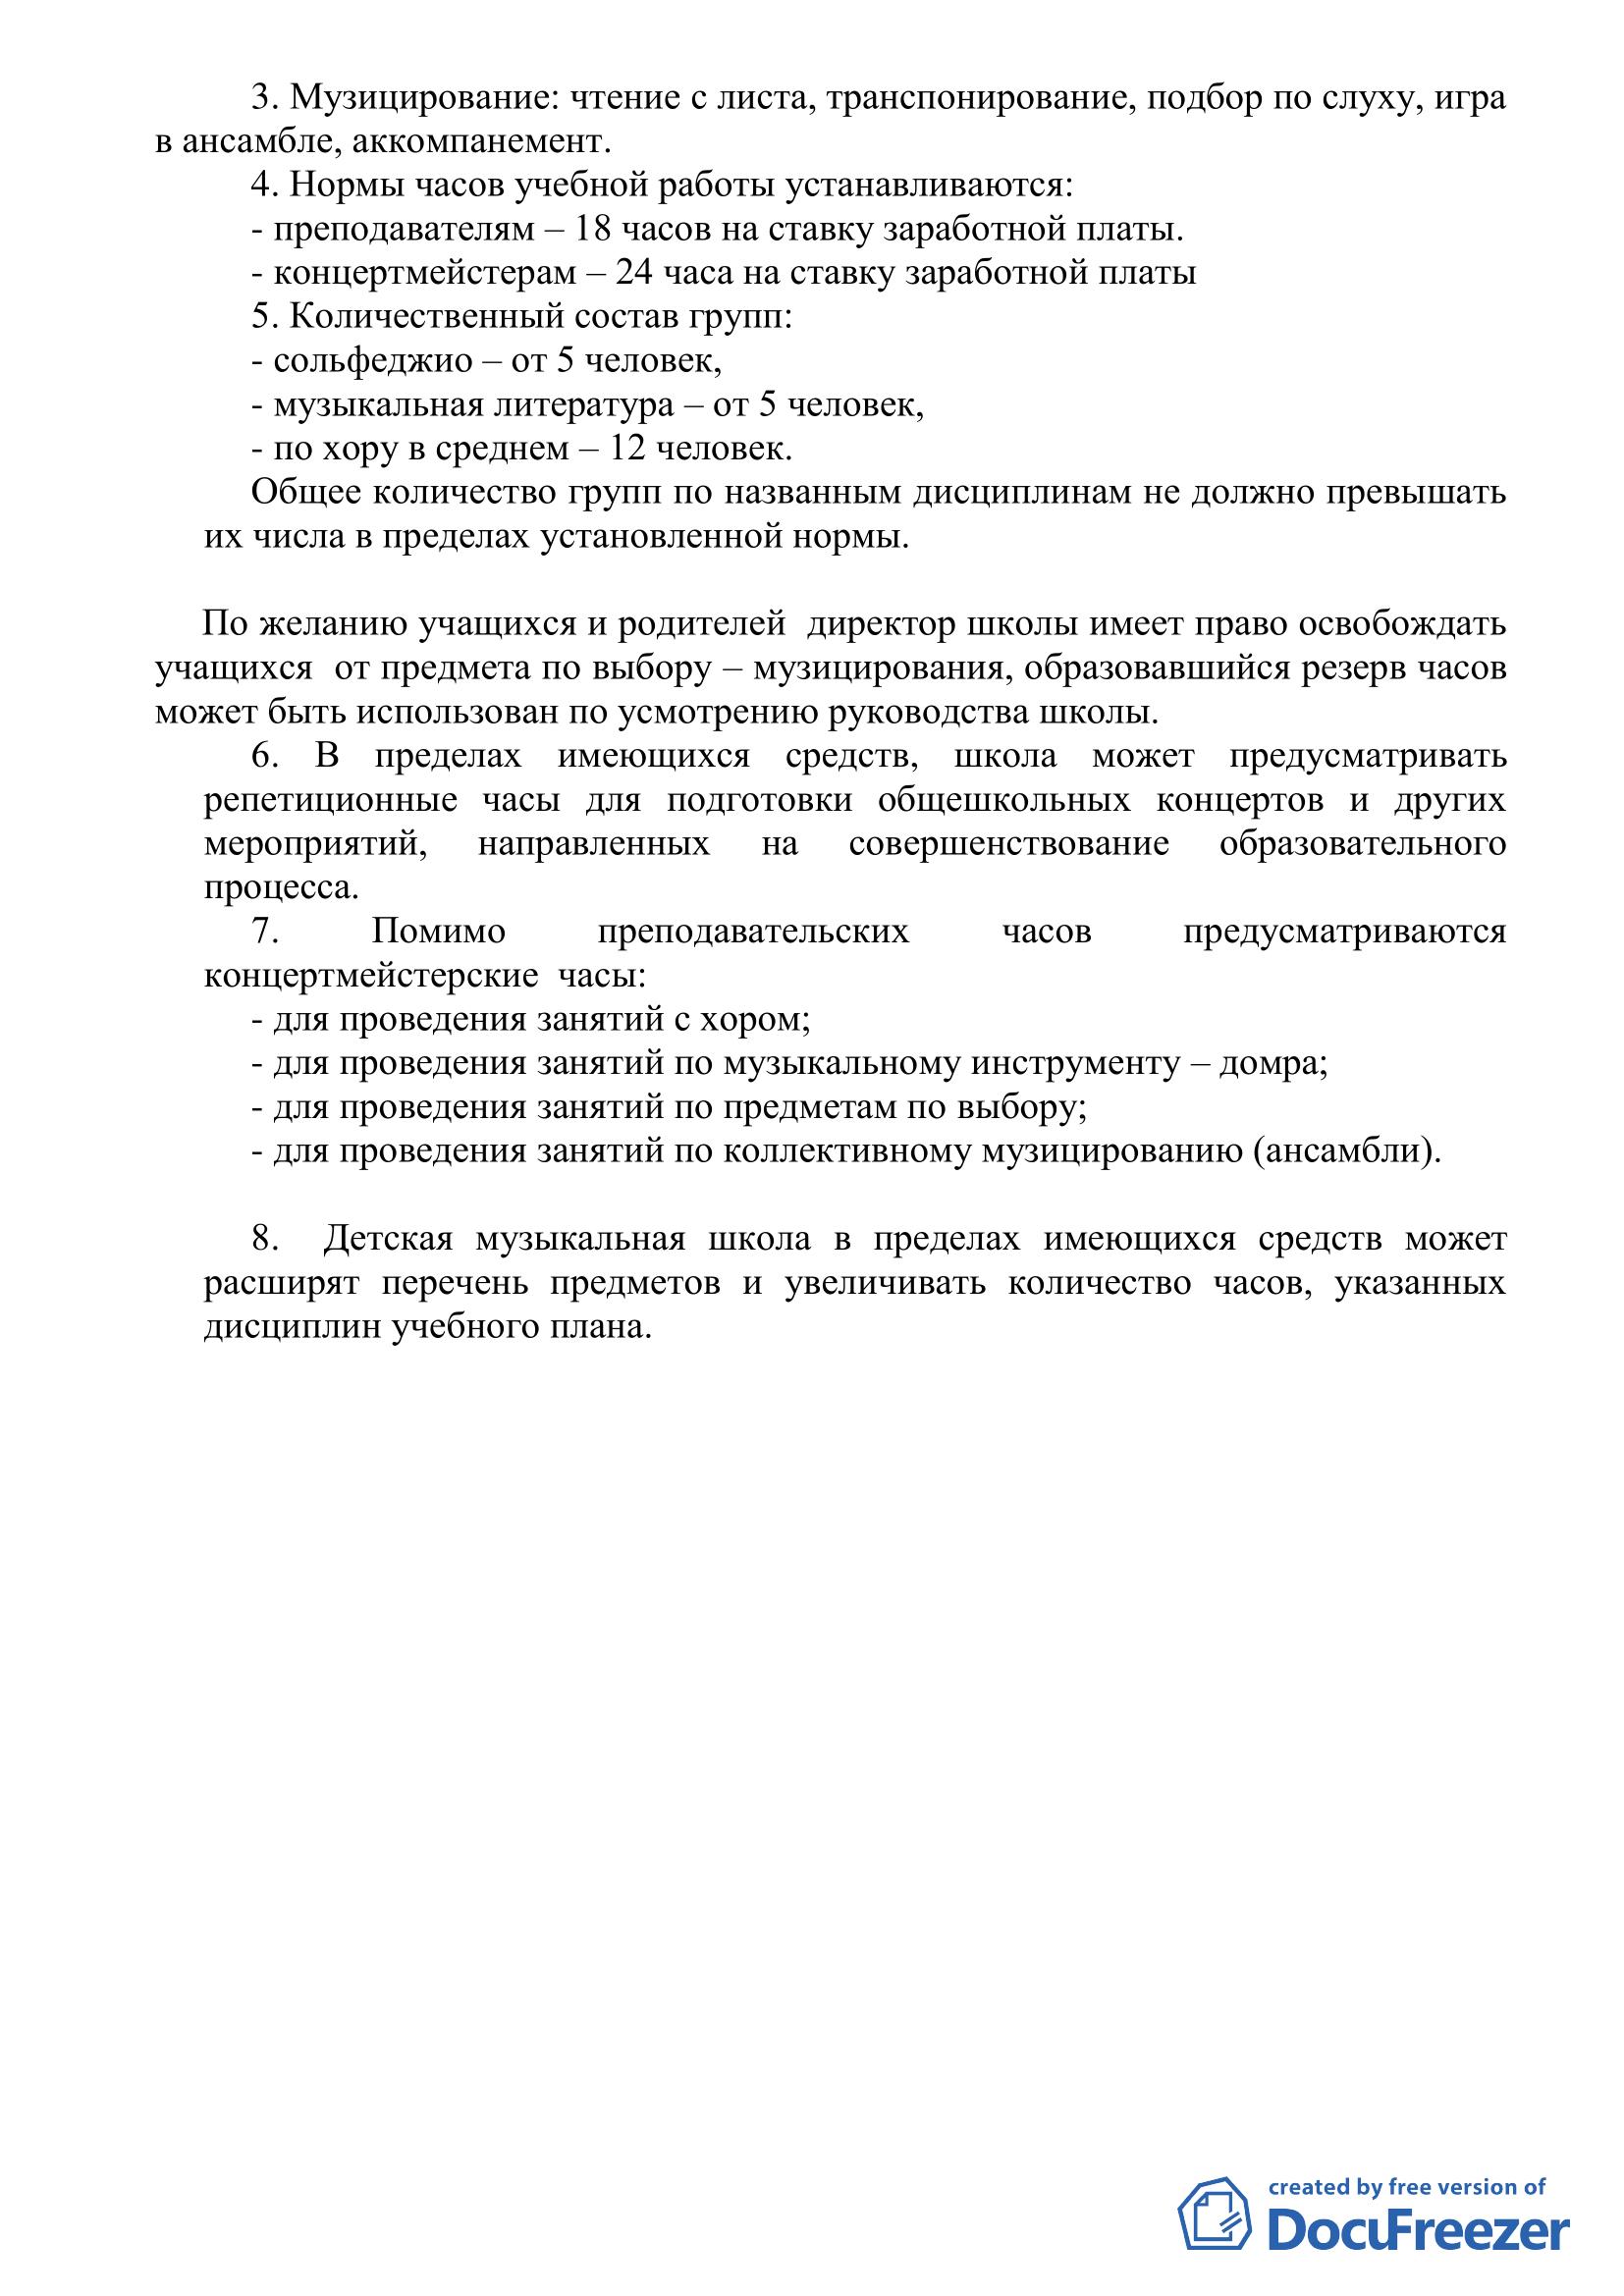 Рабочий учебный план на 2015-2016 (5 летнего обучения)_4